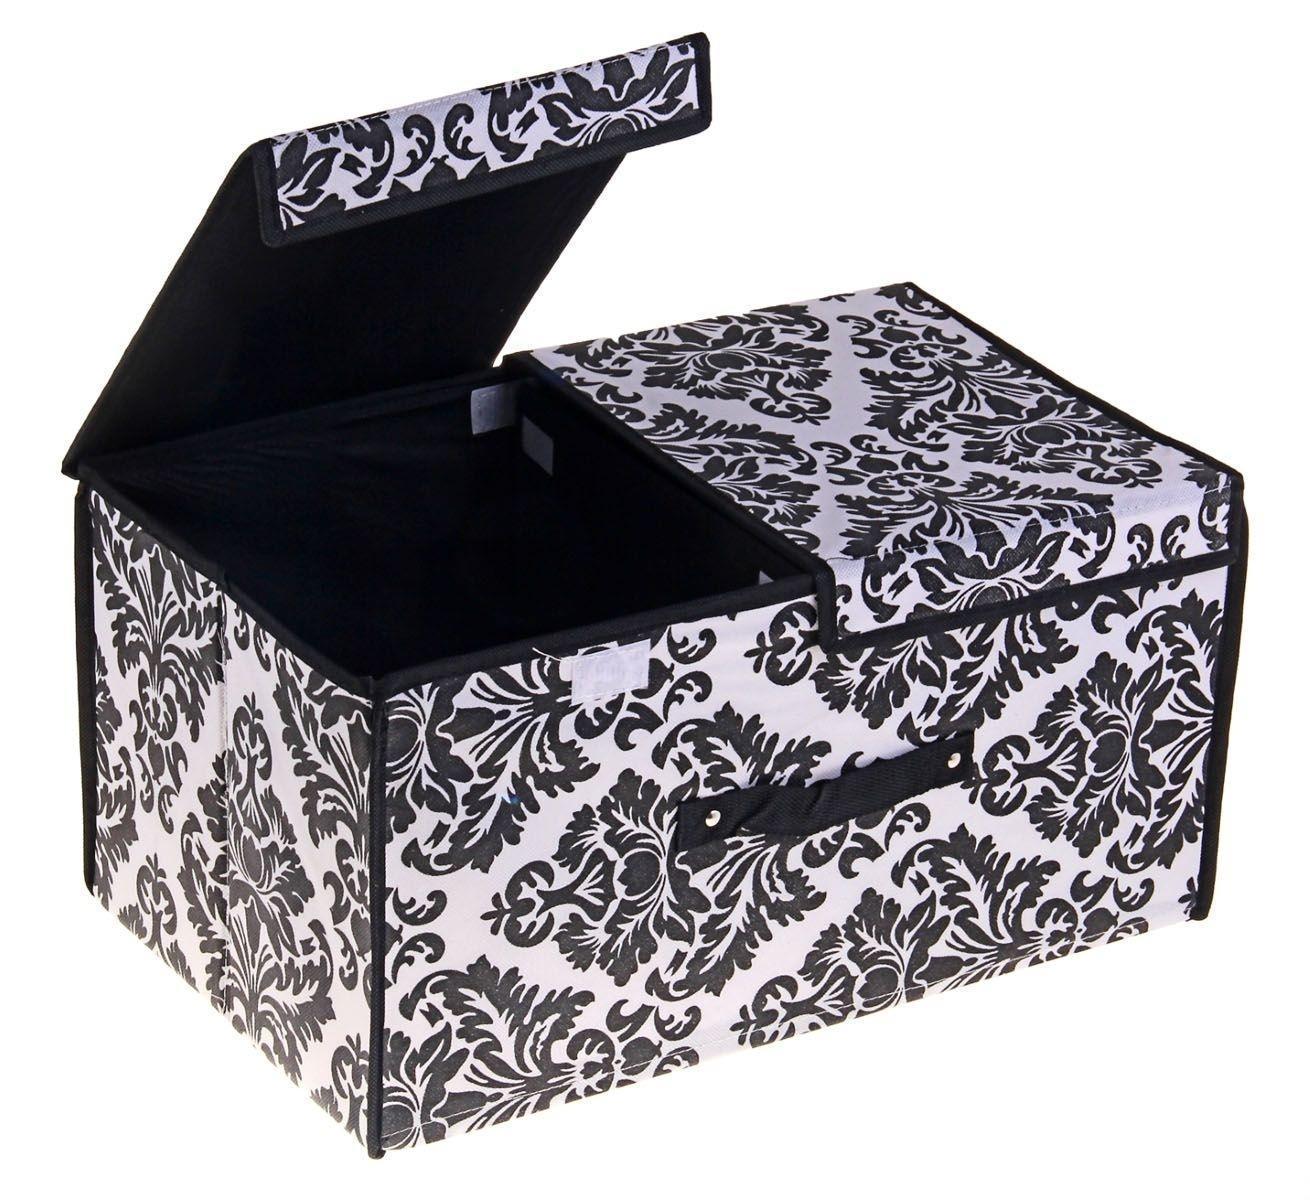 контейнер для хранения (жесткий) 50*30*25см 709728709728Декоративный контейнер - отличный способ для хранение вещей! Благодаря универсальности изделия, в контейнере можно хранить самые разнообразные вещи: бижутерию, лекарства, швейные принадлежности.Такой контейнер поможет держать вещи в порядке. Декоративный контейнер даст Вам возможность сохранить все в одном месте, а также защитить вещи от пыли, грязи и влаги.